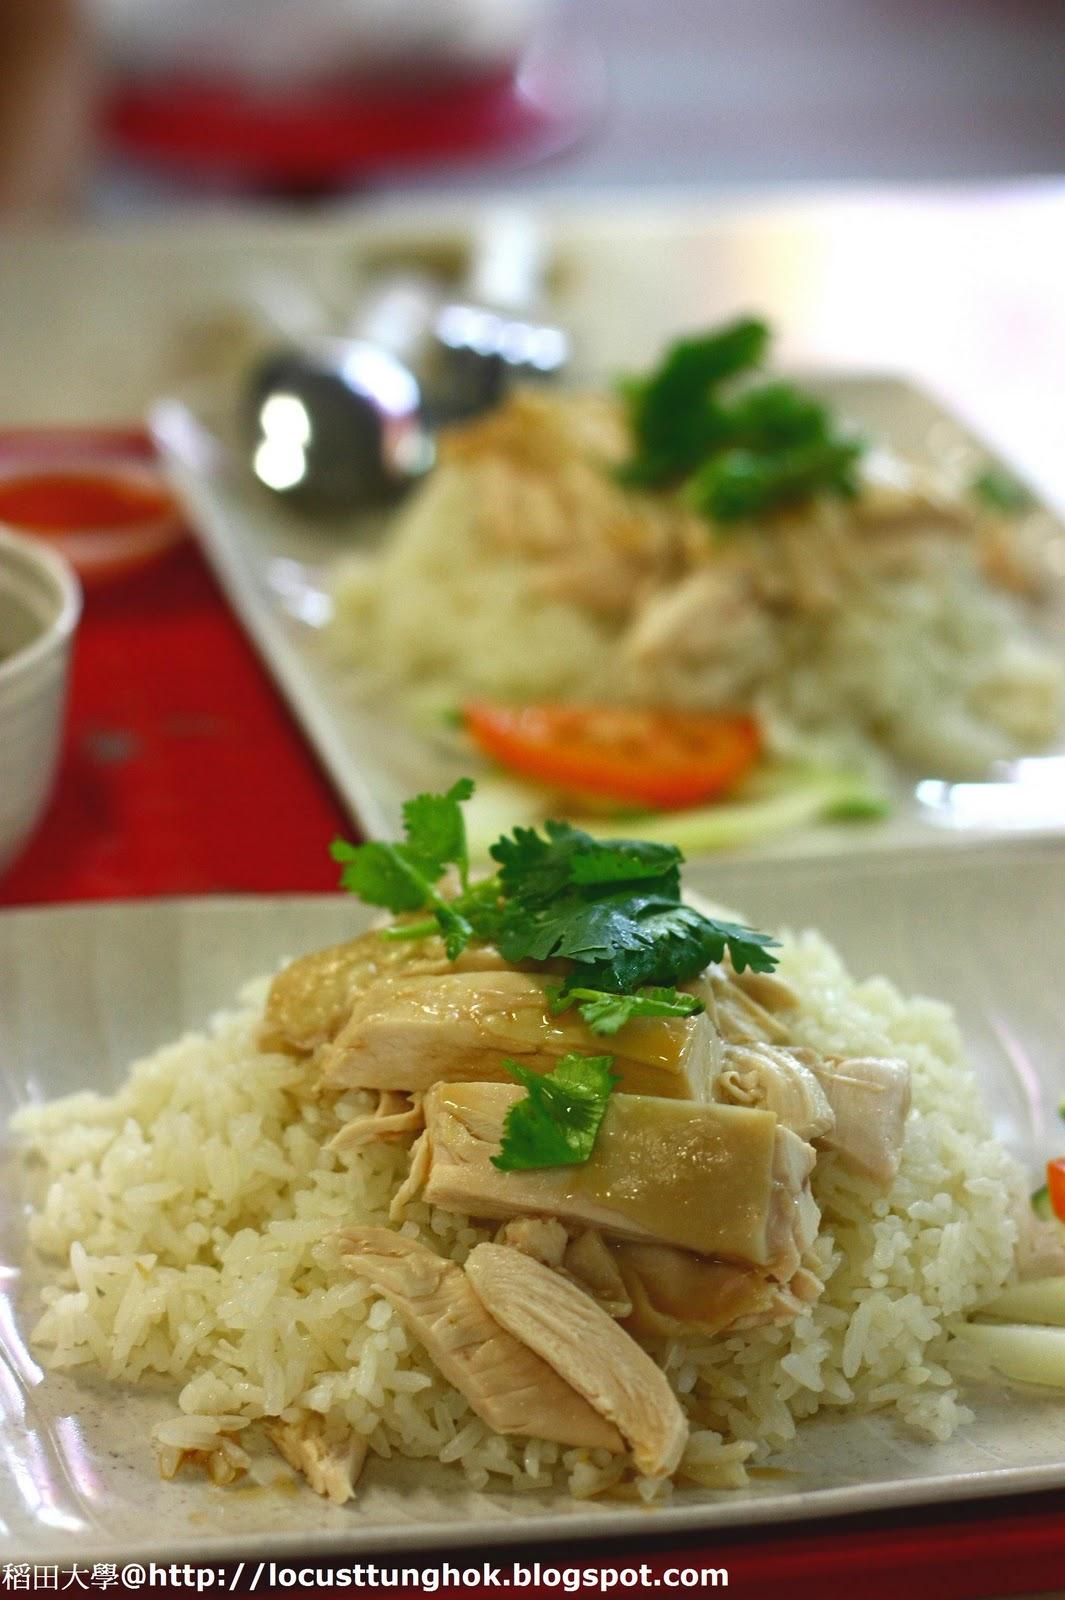 稻田大學‧吃喝玩樂系: 專題分享 - 海南雞飯